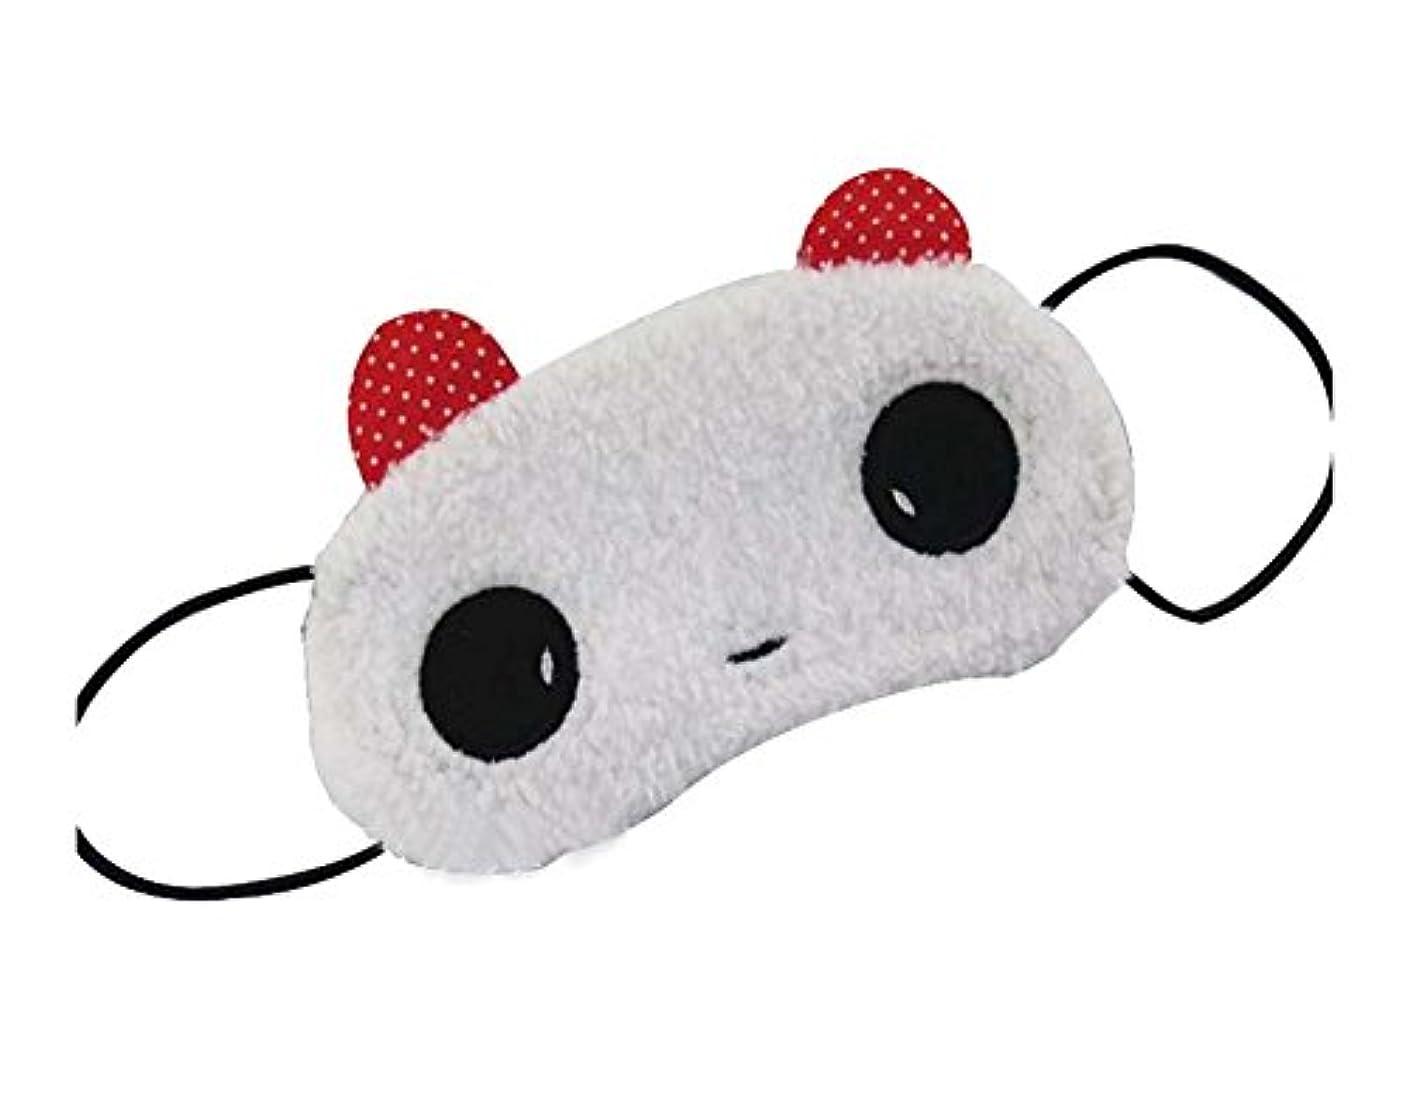 汚い火星パーフェルビッド素敵な子供の目のマスクGirl's Hairy Eyeshades、Cute Panda